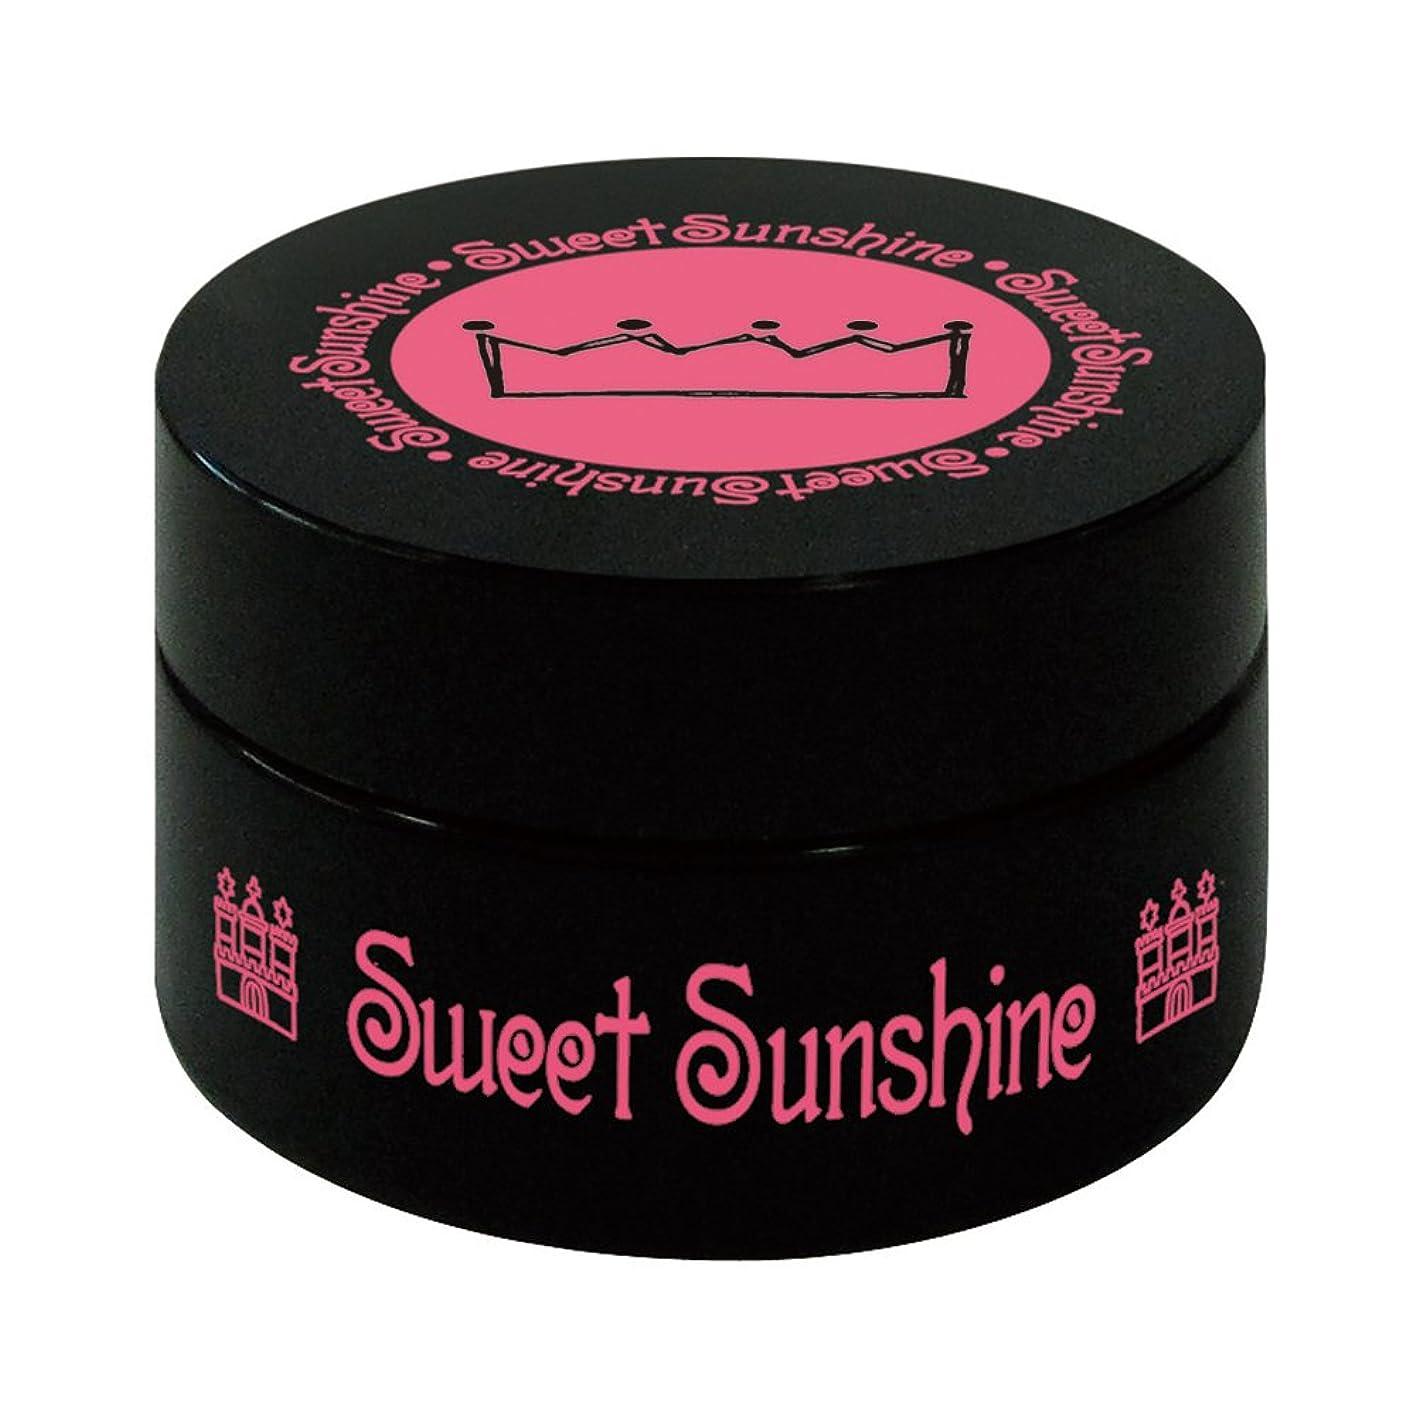 時計肘掛け椅子感情の最速硬化LED対応 Sweet Sunshine スィート サンシャイン カラージェル SC-4 4g サンシャインビーチイエロー